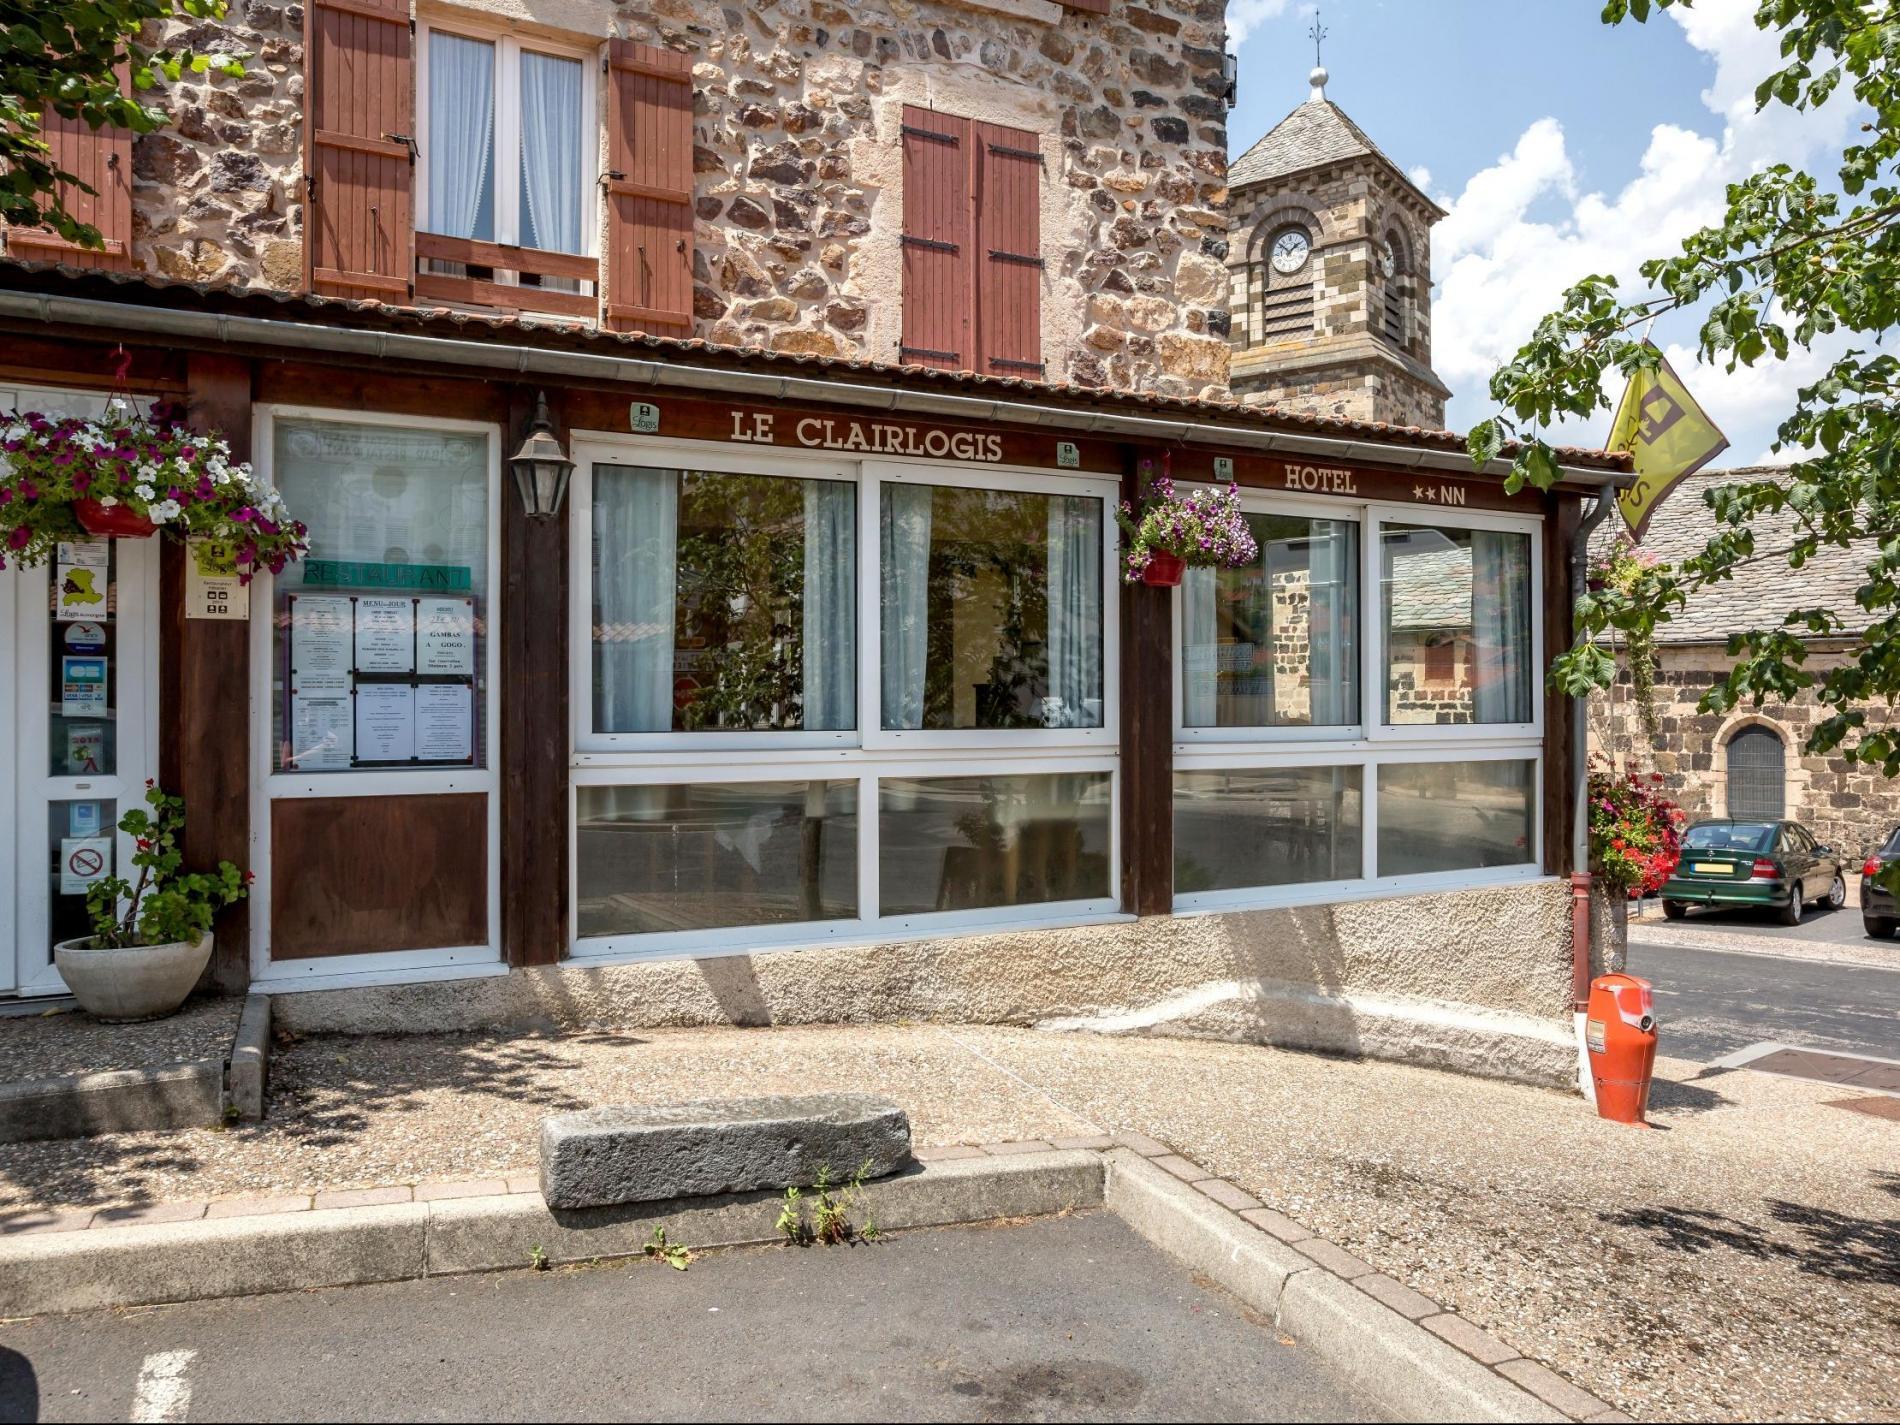 restaurant laussonne proche sources de la loire et du m zenc en auvergne. Black Bedroom Furniture Sets. Home Design Ideas